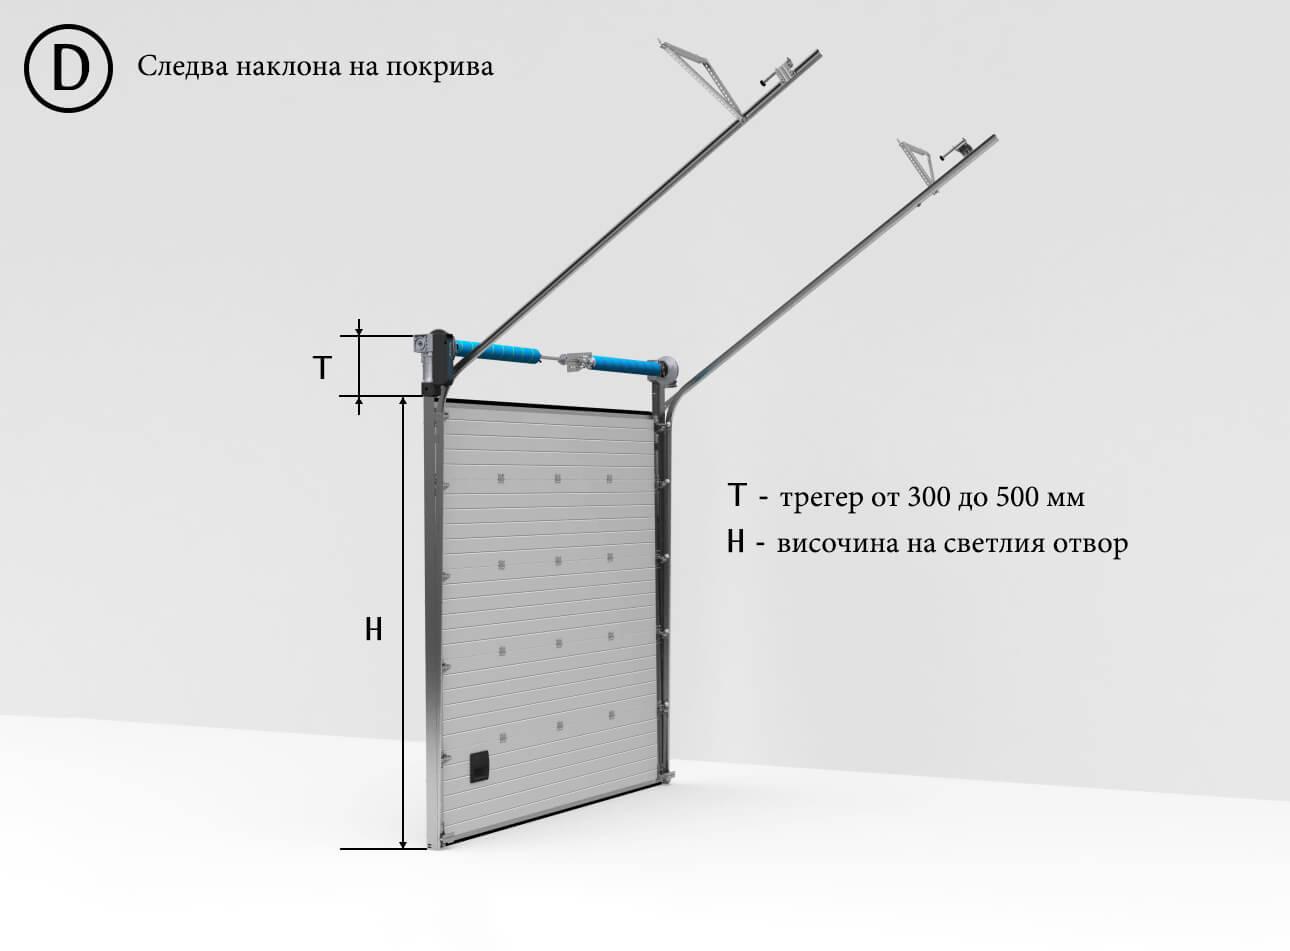 D1 - Видове ход индустриални врати - следва покрива